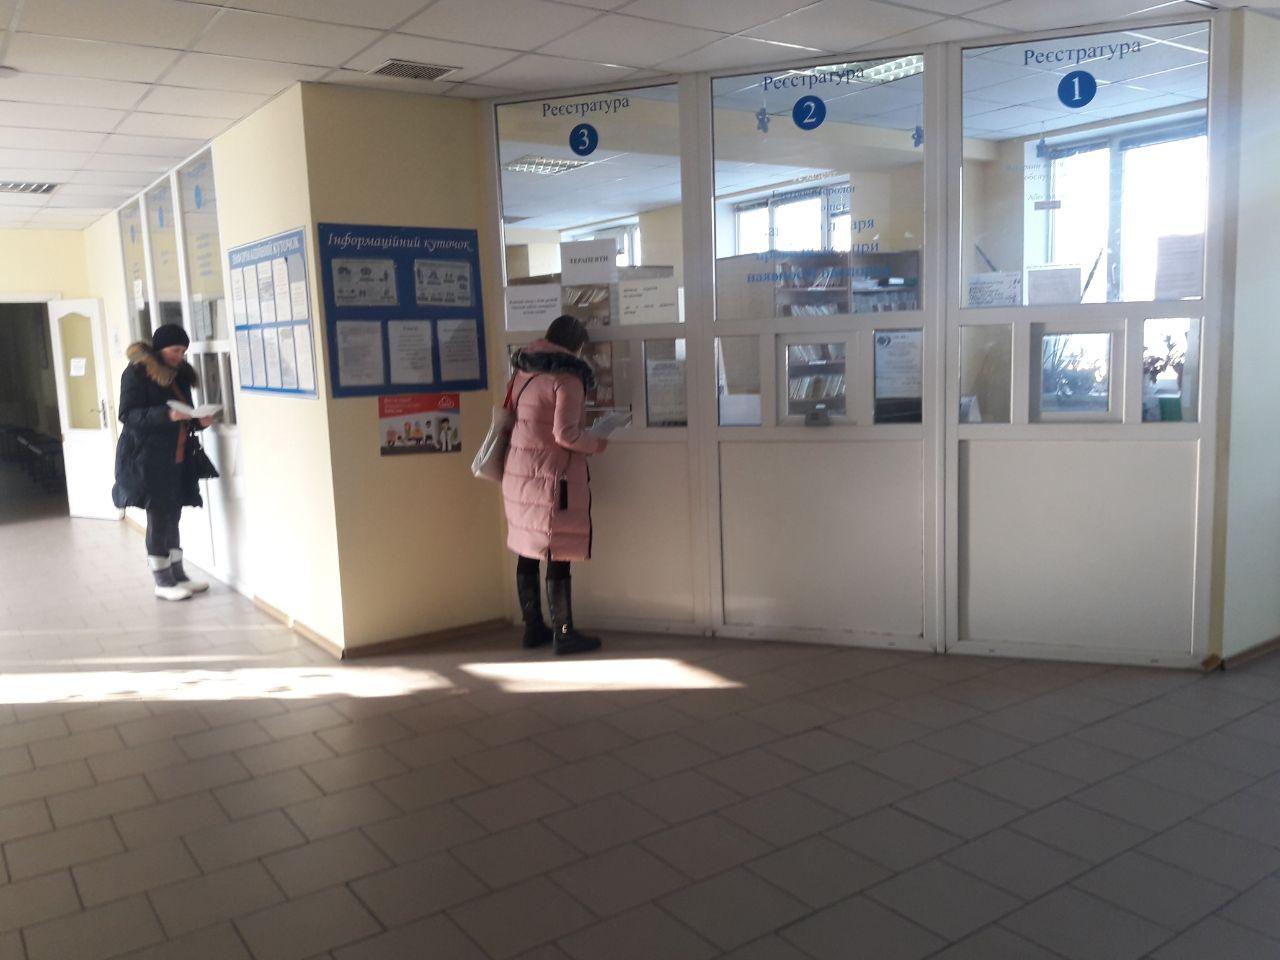 Ірпінський регіон: з початку року вже майже 500 осіб захворіли на грип та ГРВІ -  - IMG 20200111 125521 106